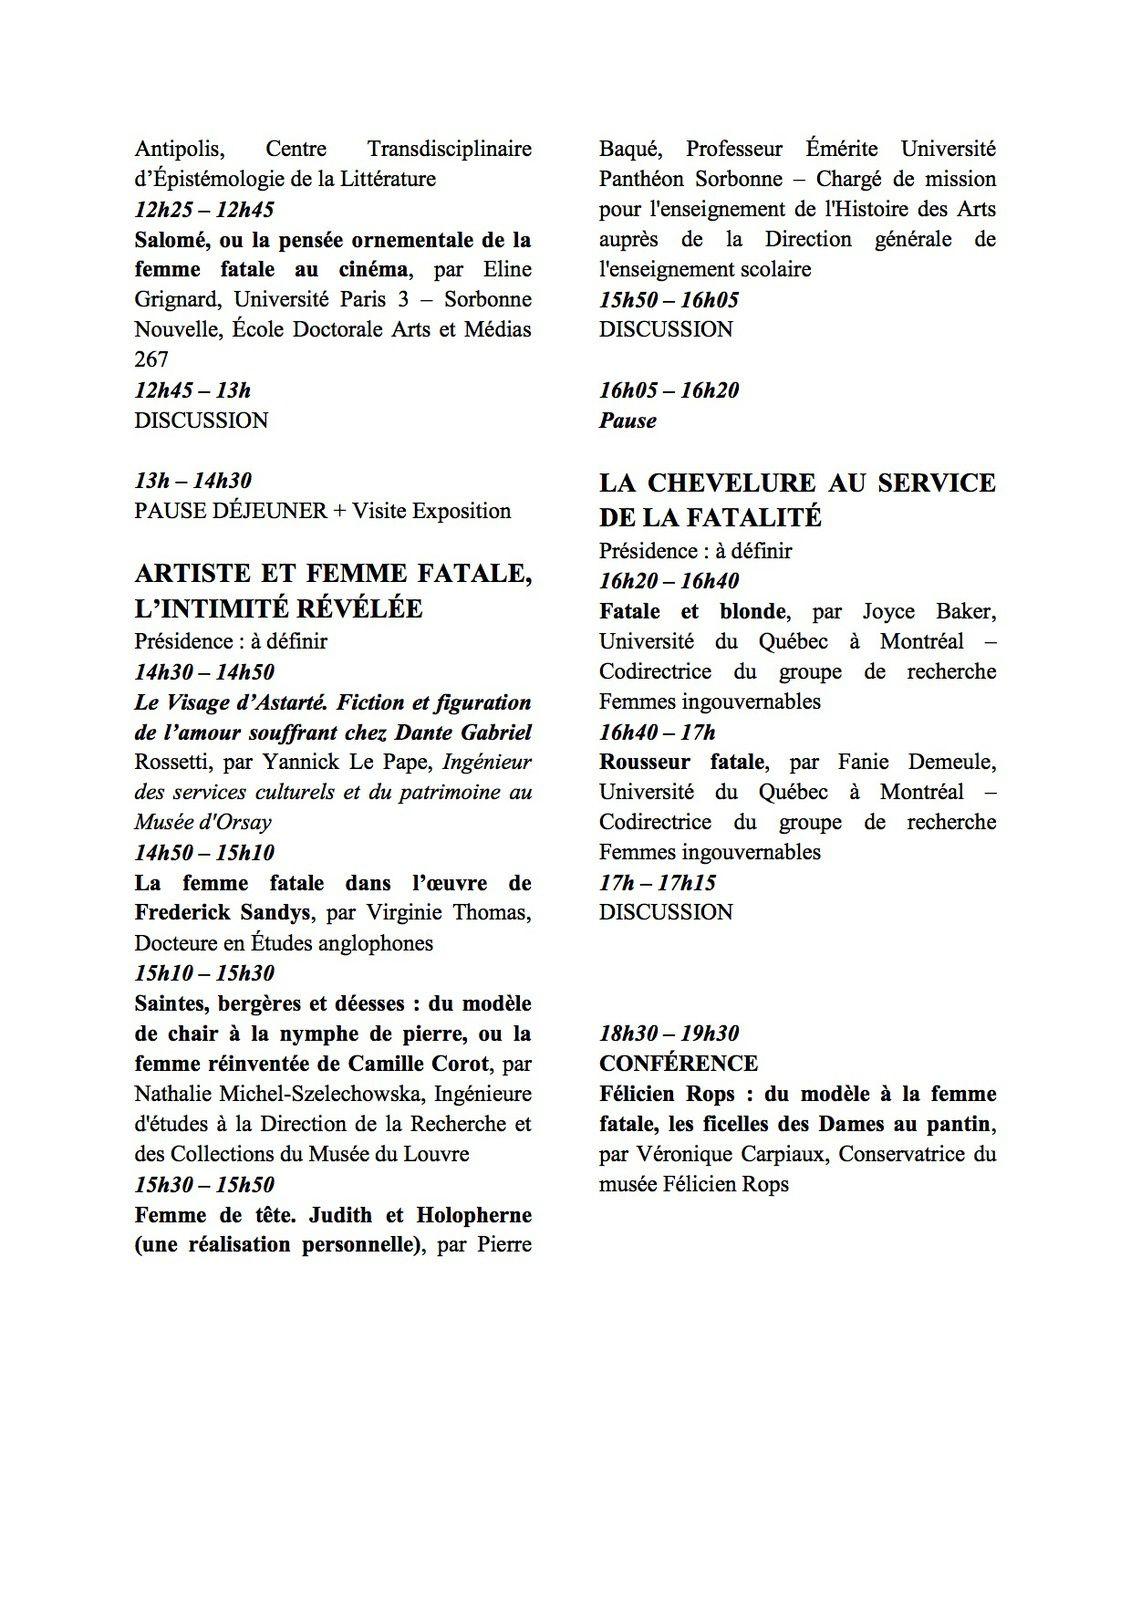 De ses origines à ses métamorphoses plastiques, littéraires et médiatiques (CRHI, Ecole Emile Cohl, Lyon)